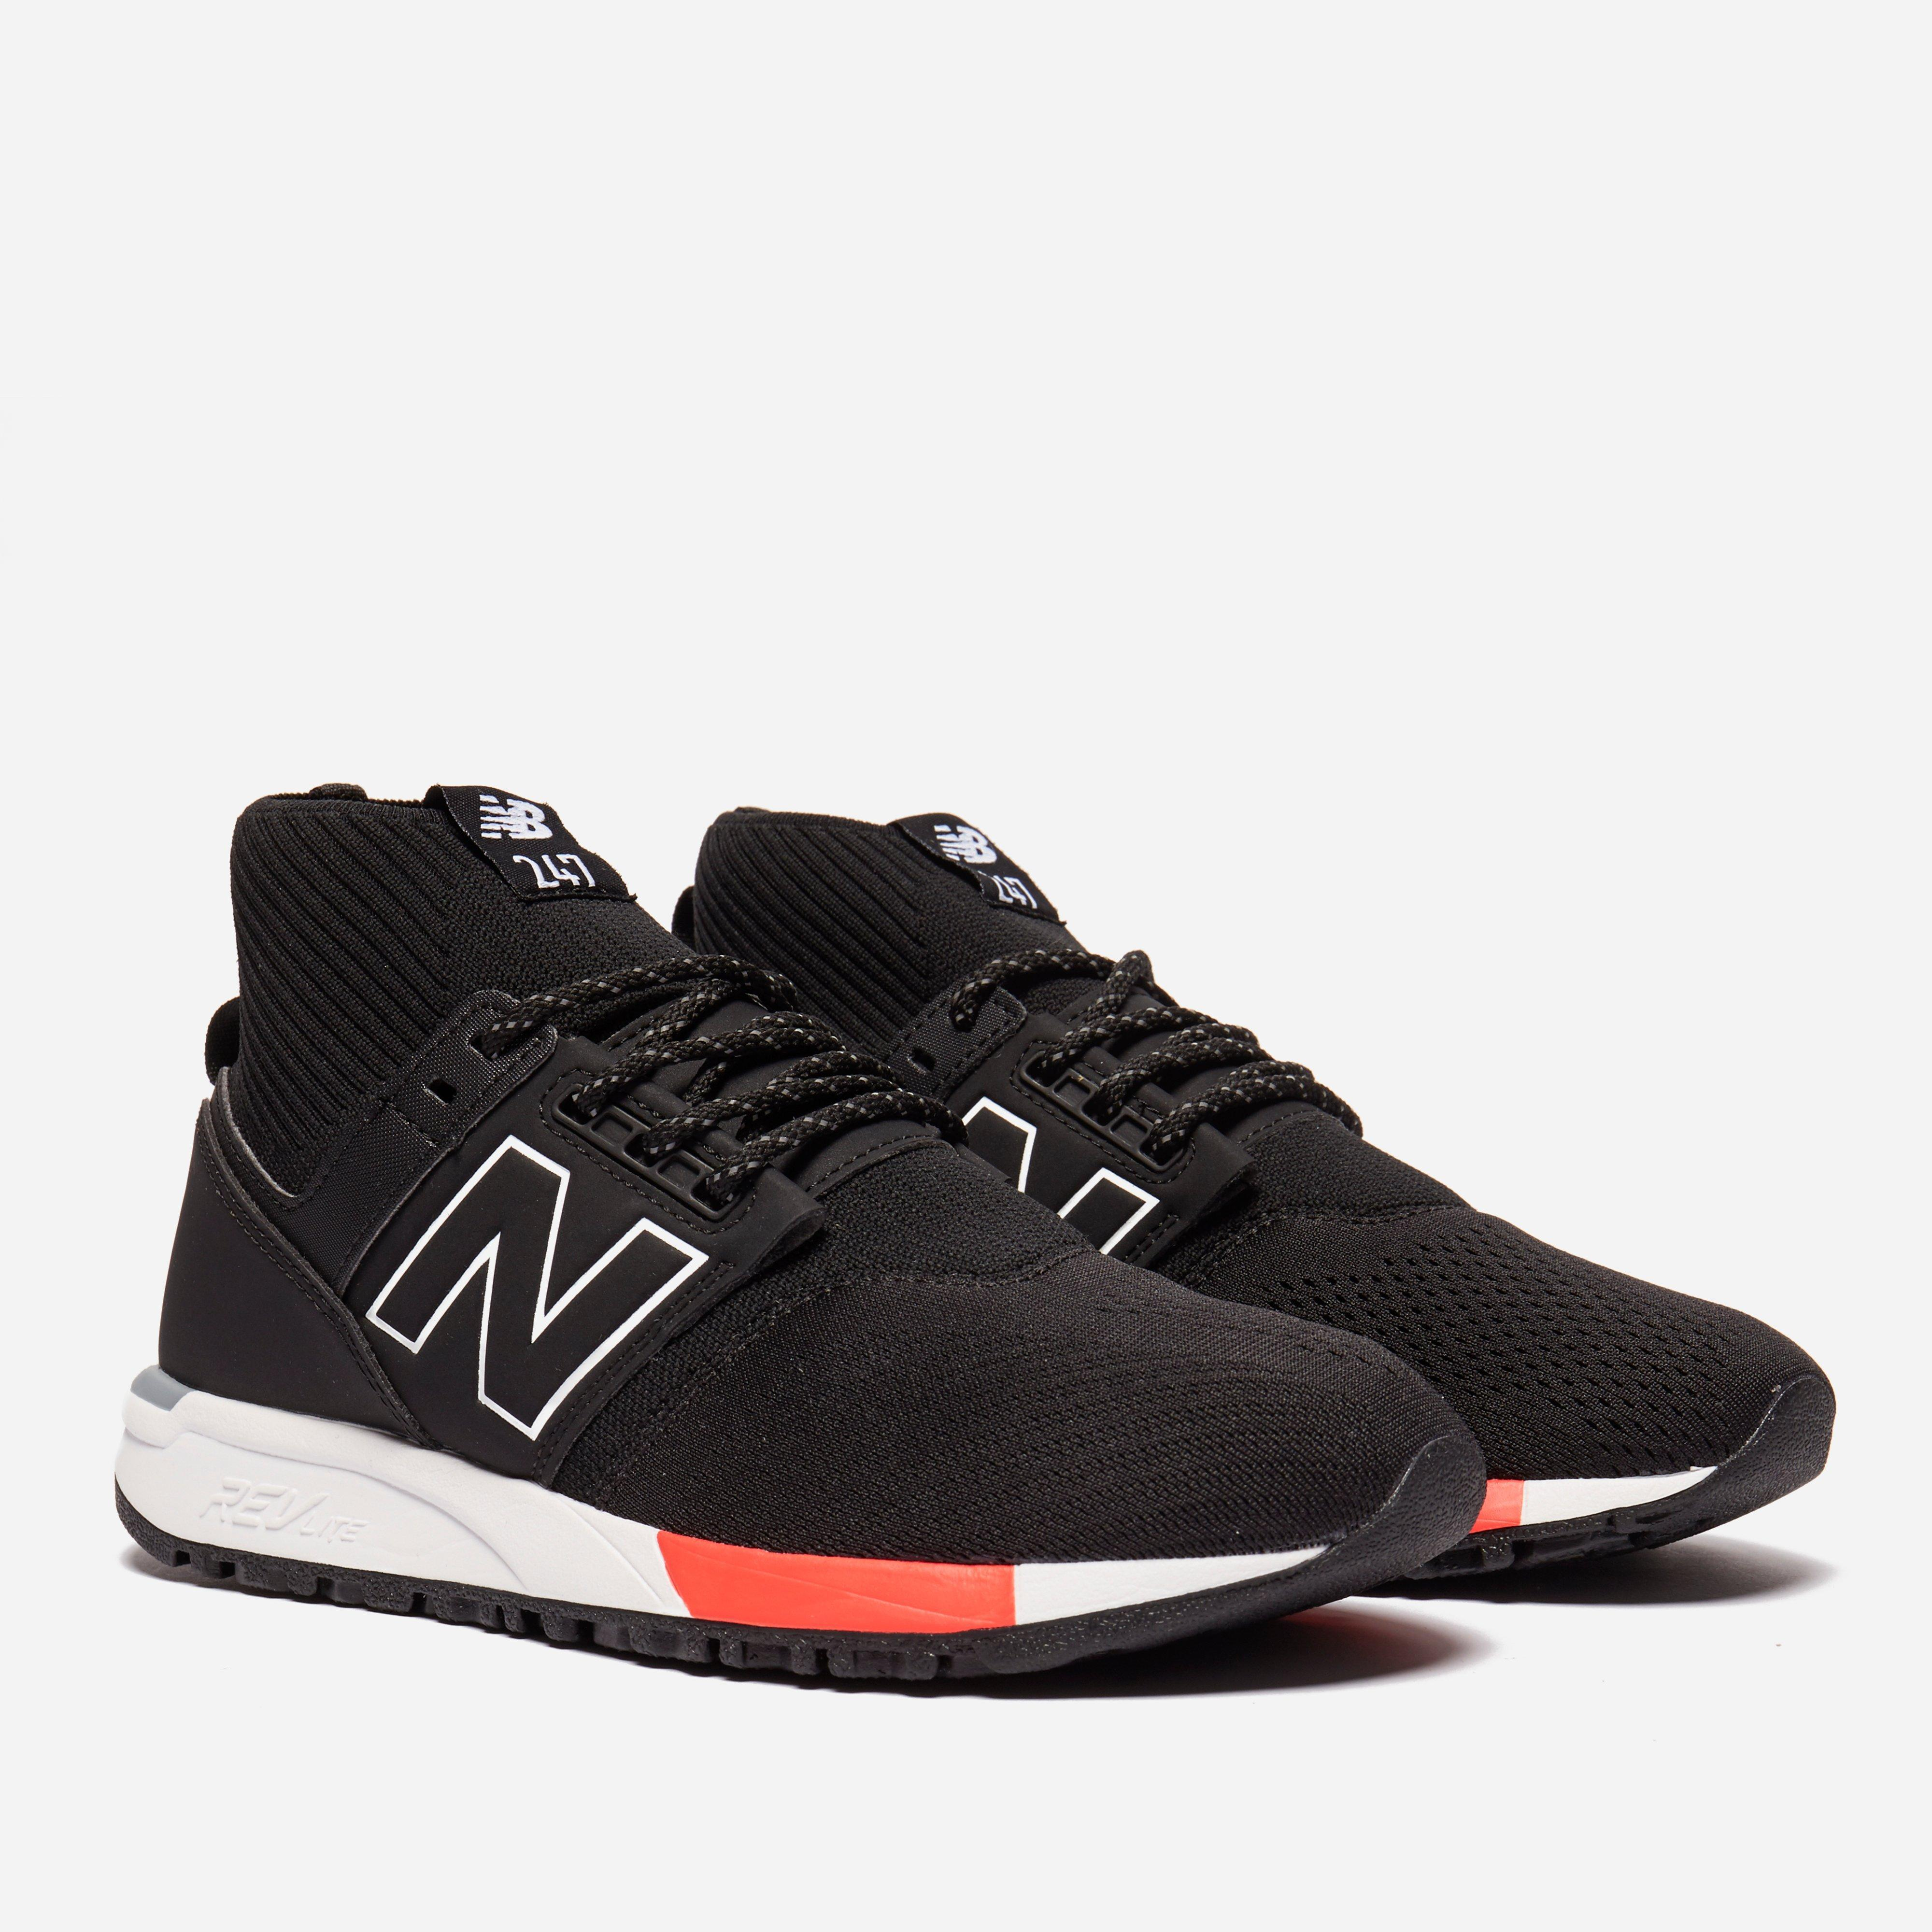 New Balance MRL 247 N2 Negro 45 wpkUFZlCk6